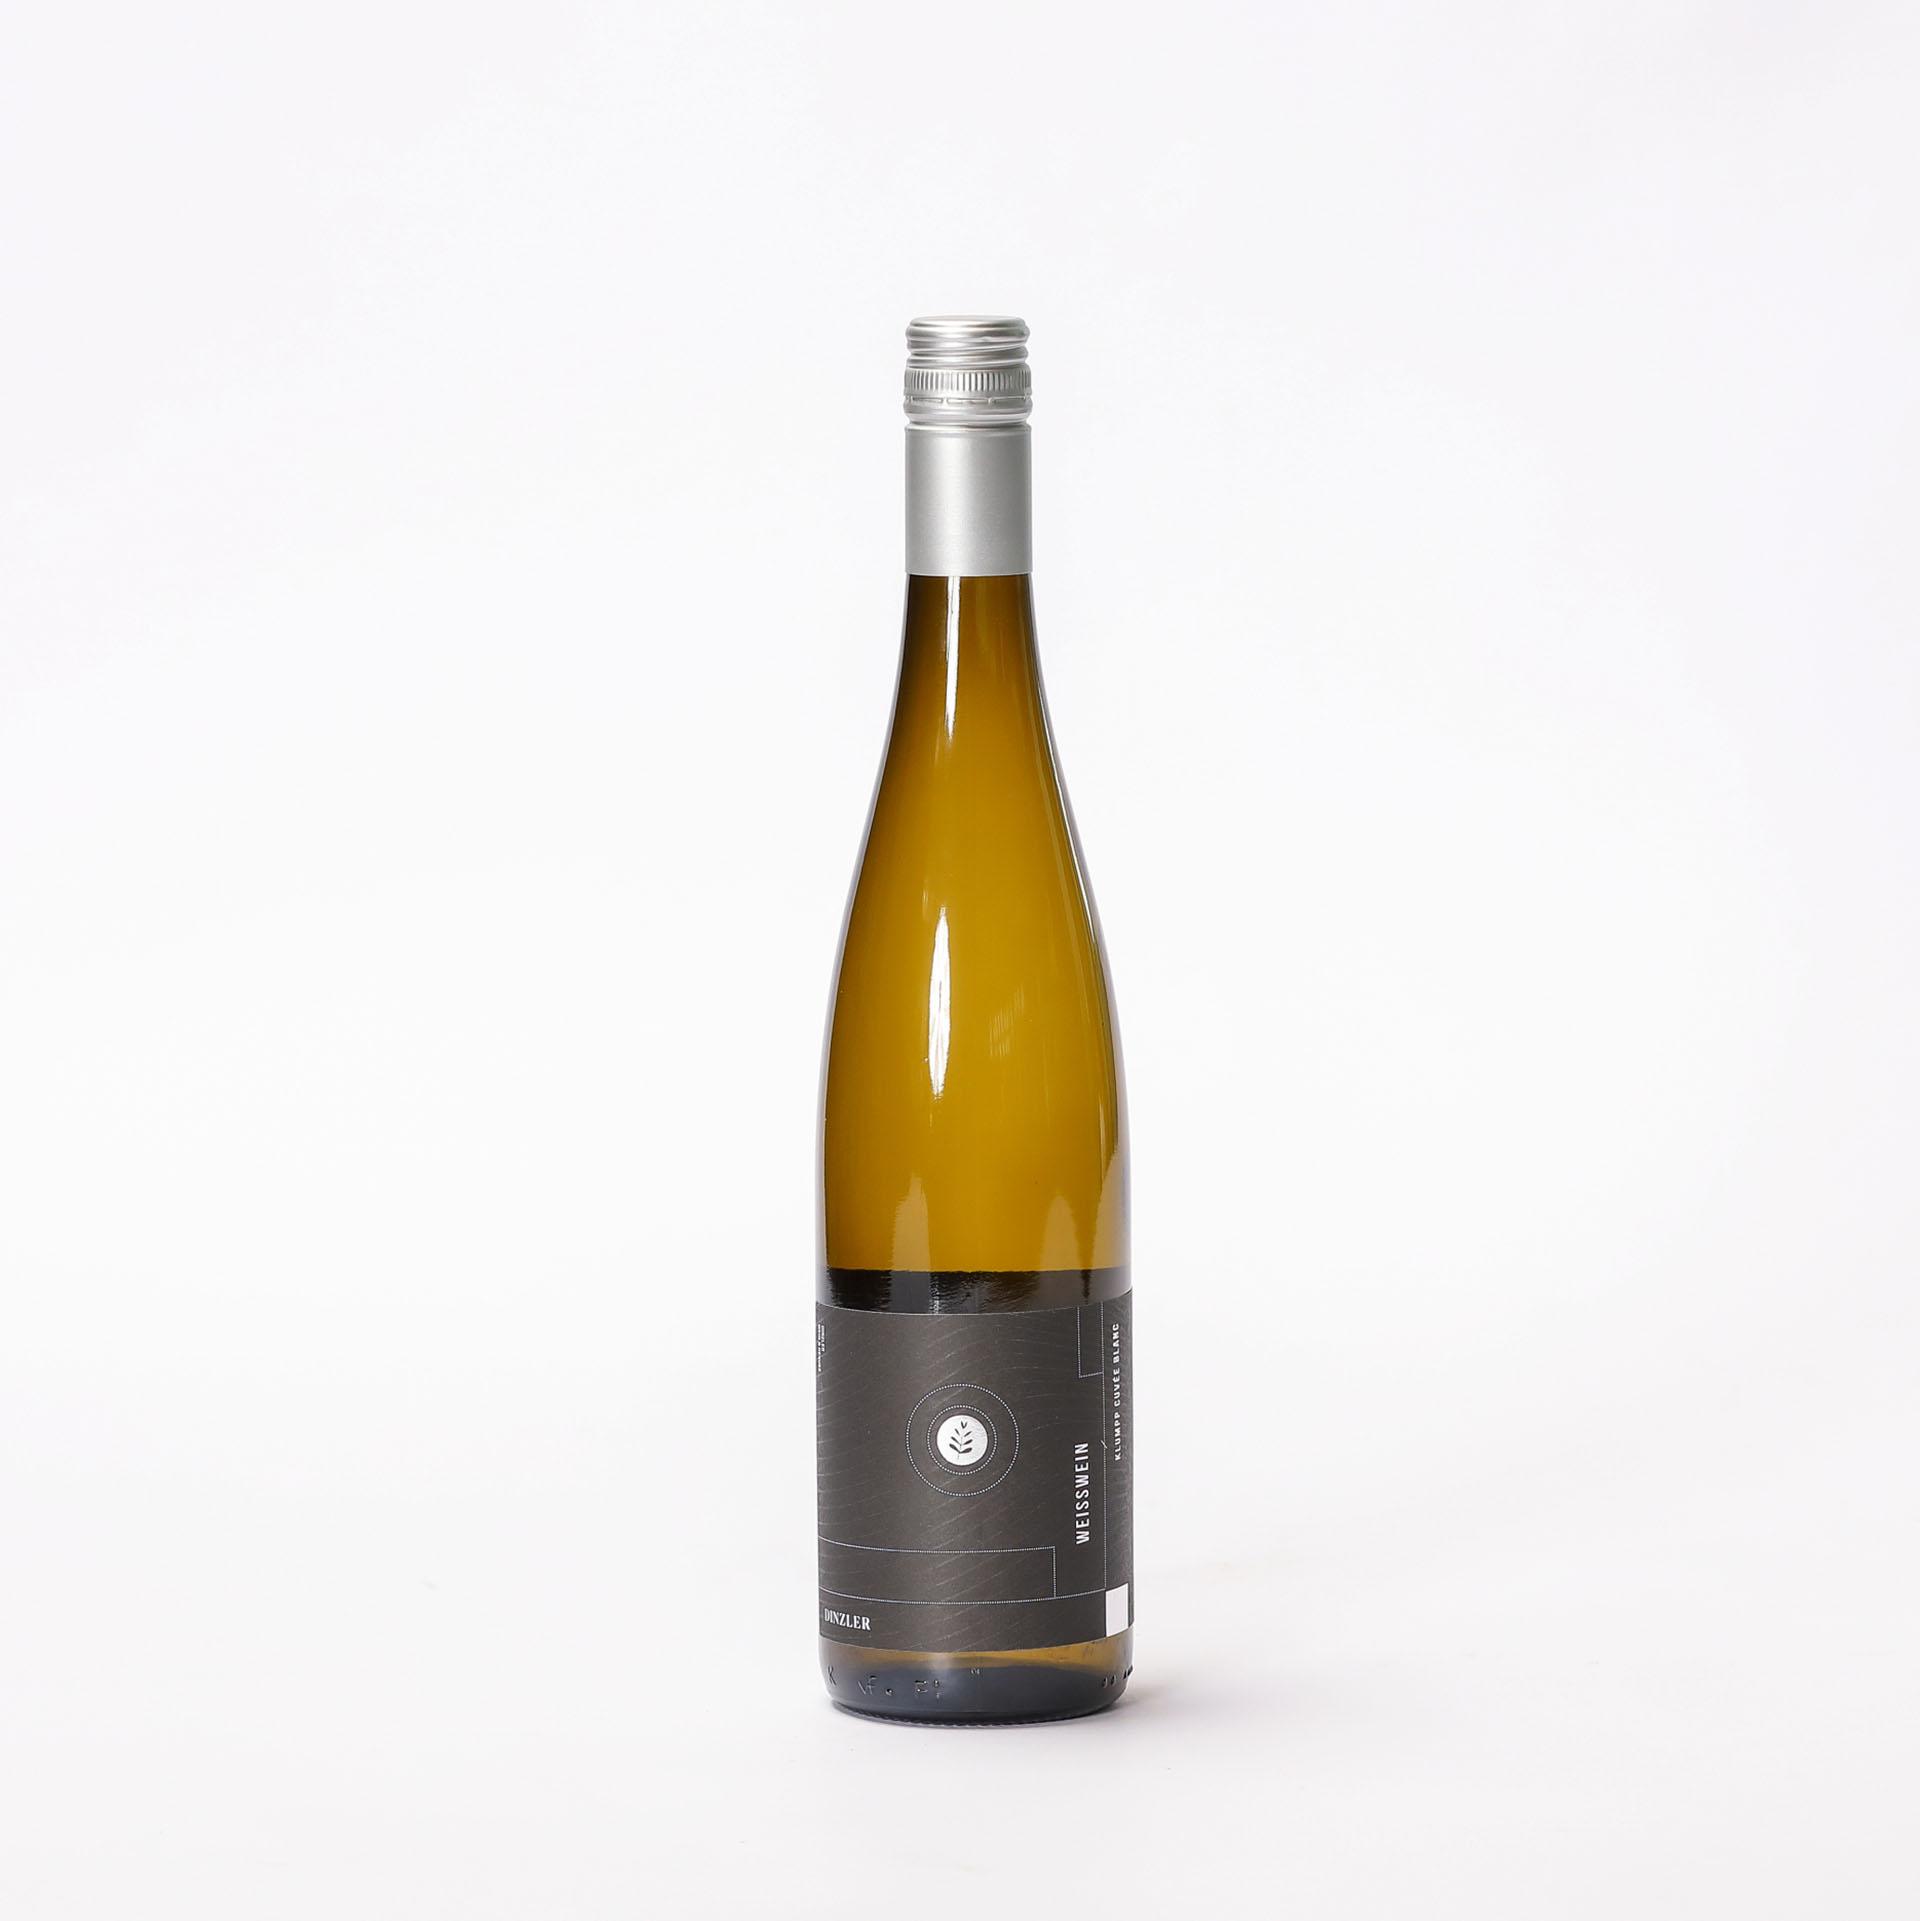 DINZLER Hauswein Cuvée weiß 2019 - Weingut Klumpp